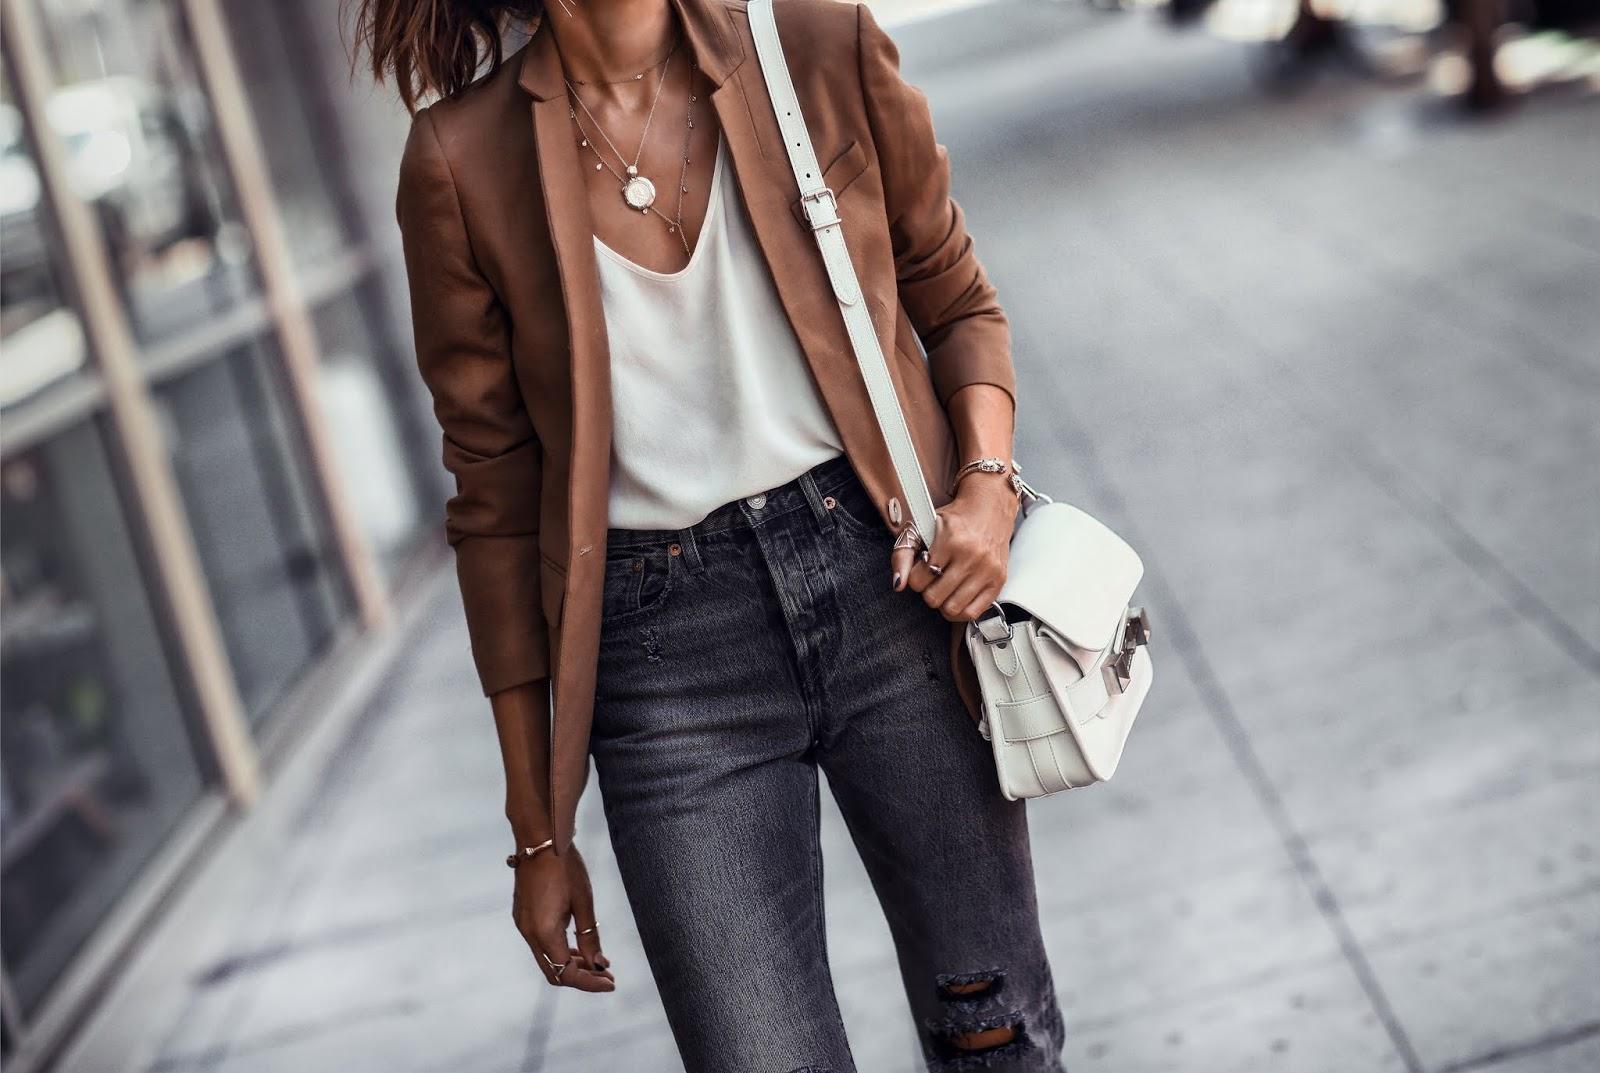 Porady stylisty: Jak ubierać się w okresie przejściowym?